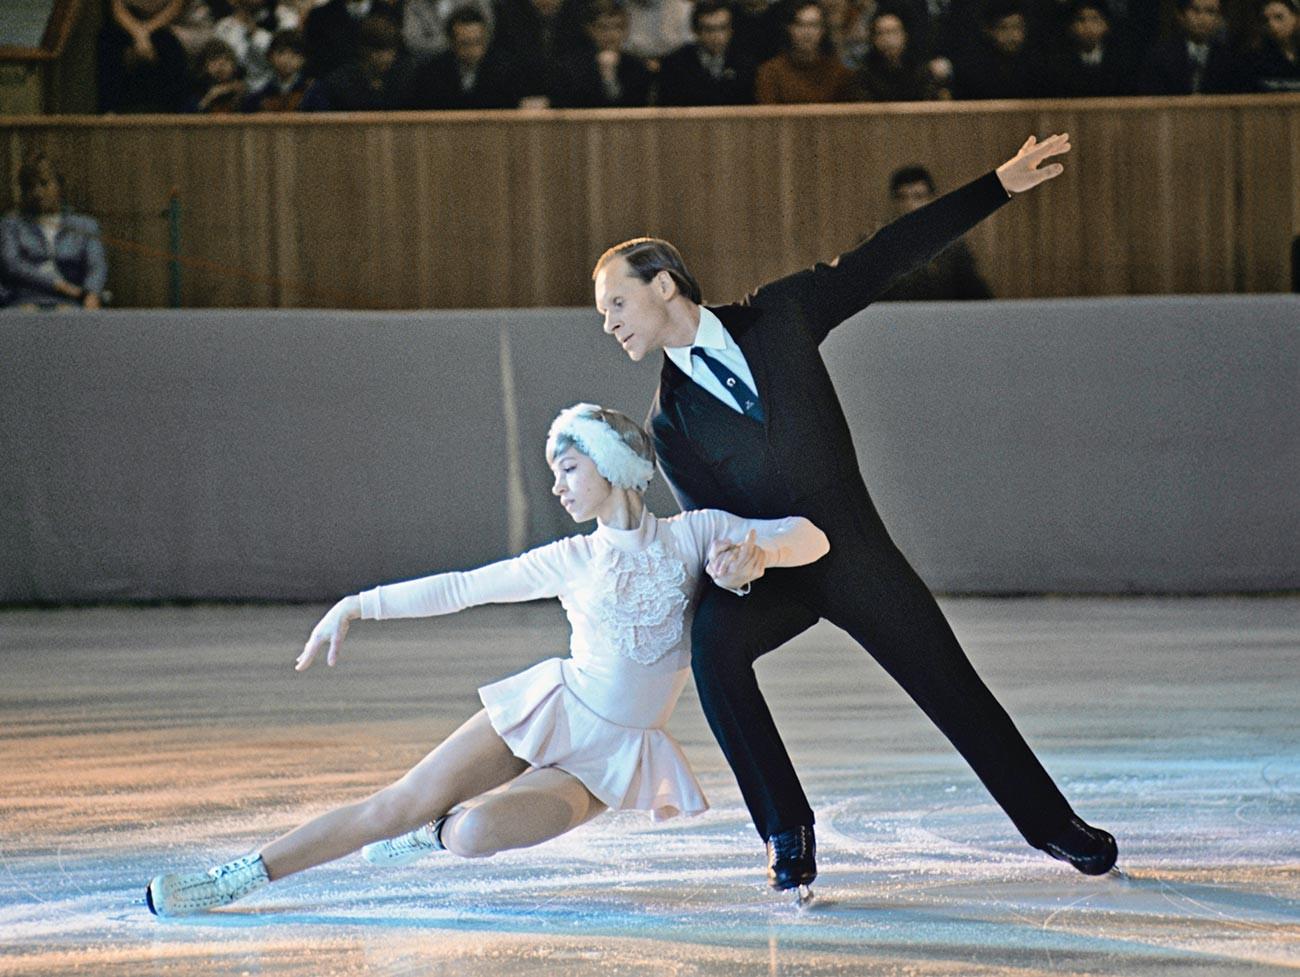 Экс-чемпионы мира и олимпийские чемпионы в парном катании на коньках Людмила Белоусова и Олег Протопопов.